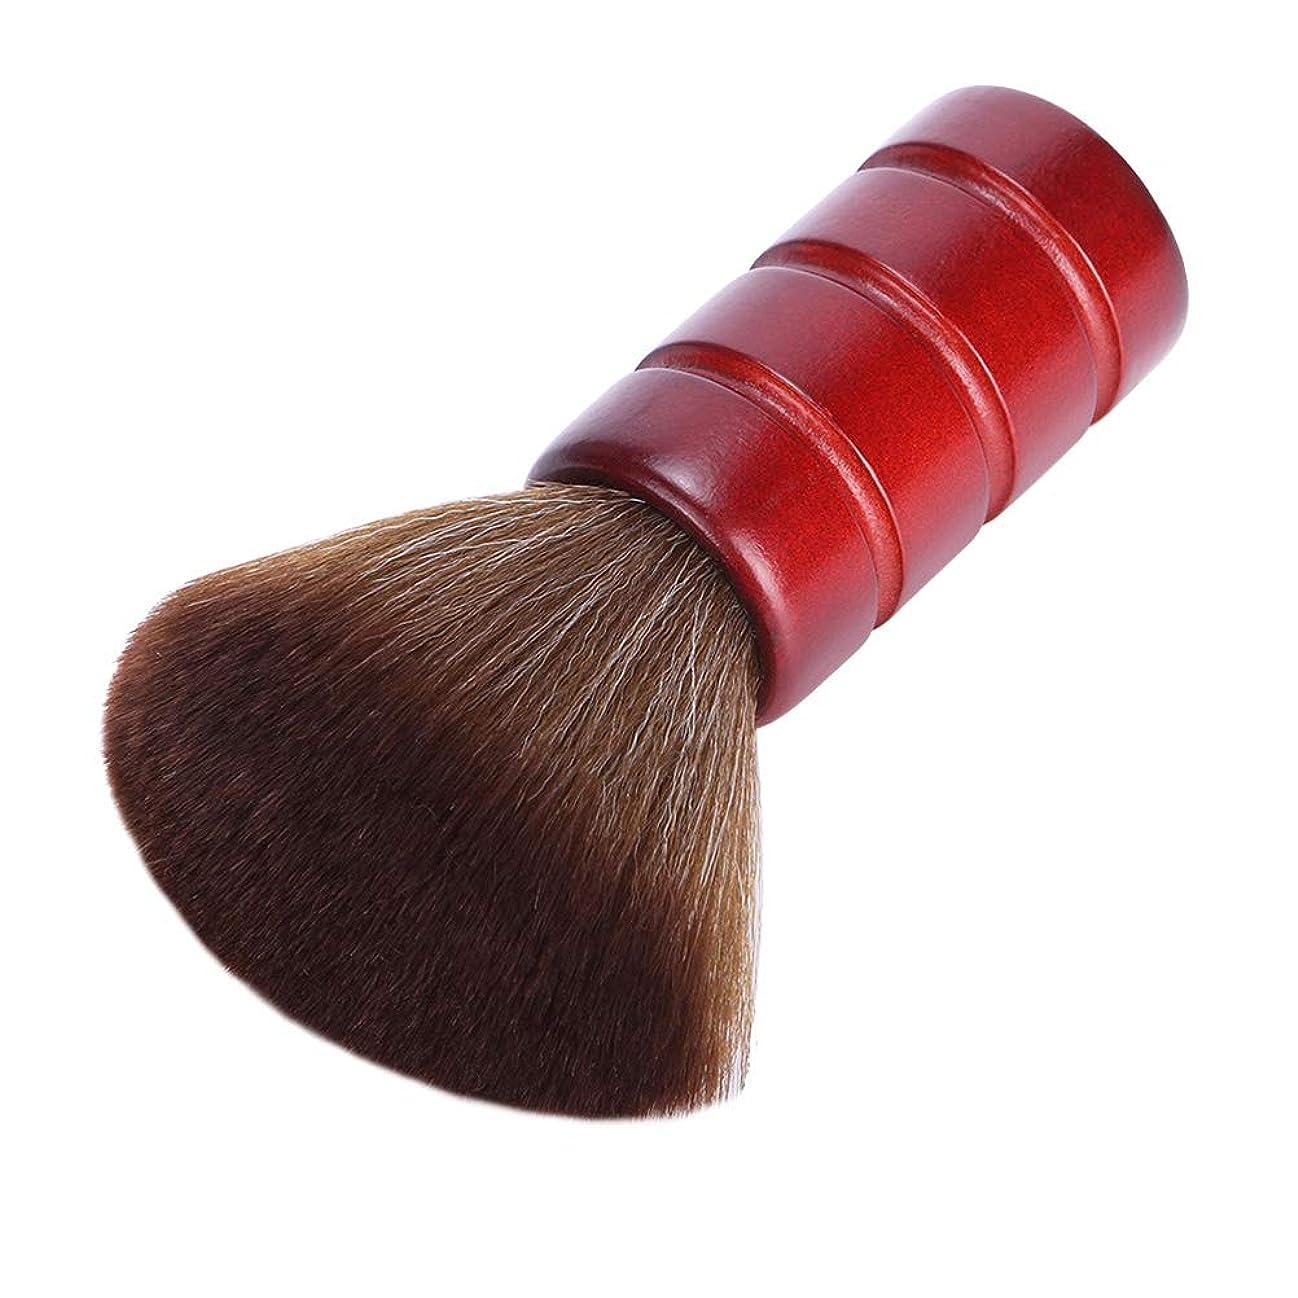 圧倒する崖浮くLurroseプロフェッショナルヘアカットブラシソフトファイバーフェイスネックダスターブラシ理髪サロン理容ツール